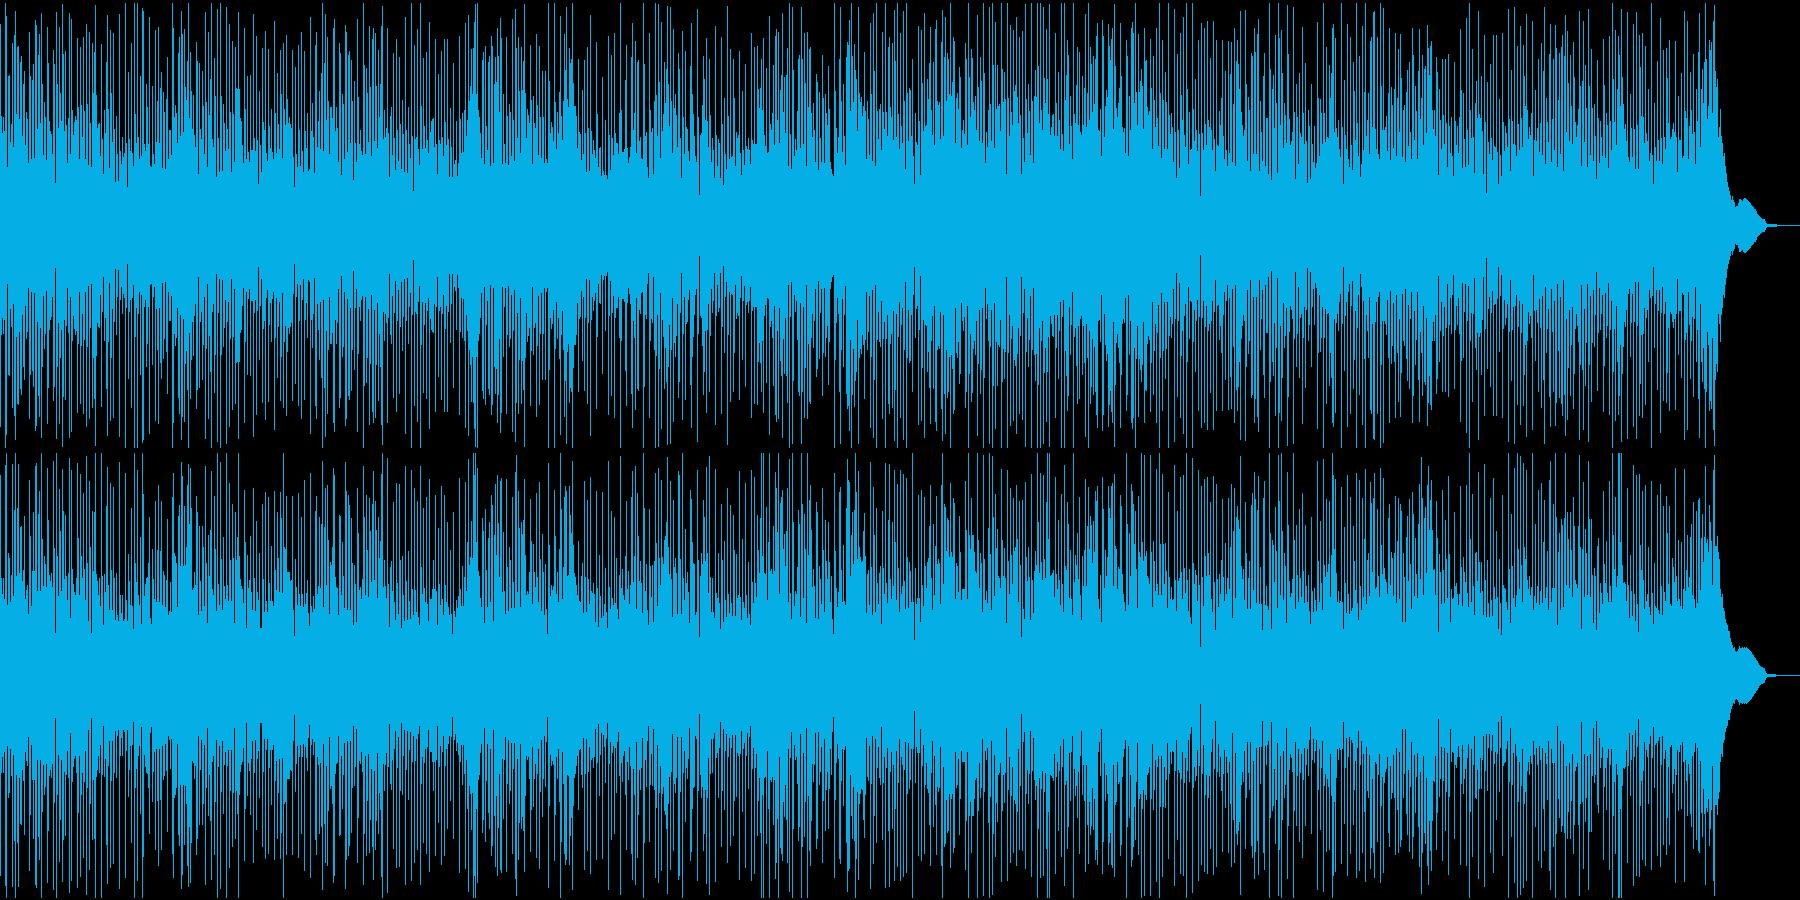 映像用、賑やかで軽快なブルースの曲の再生済みの波形